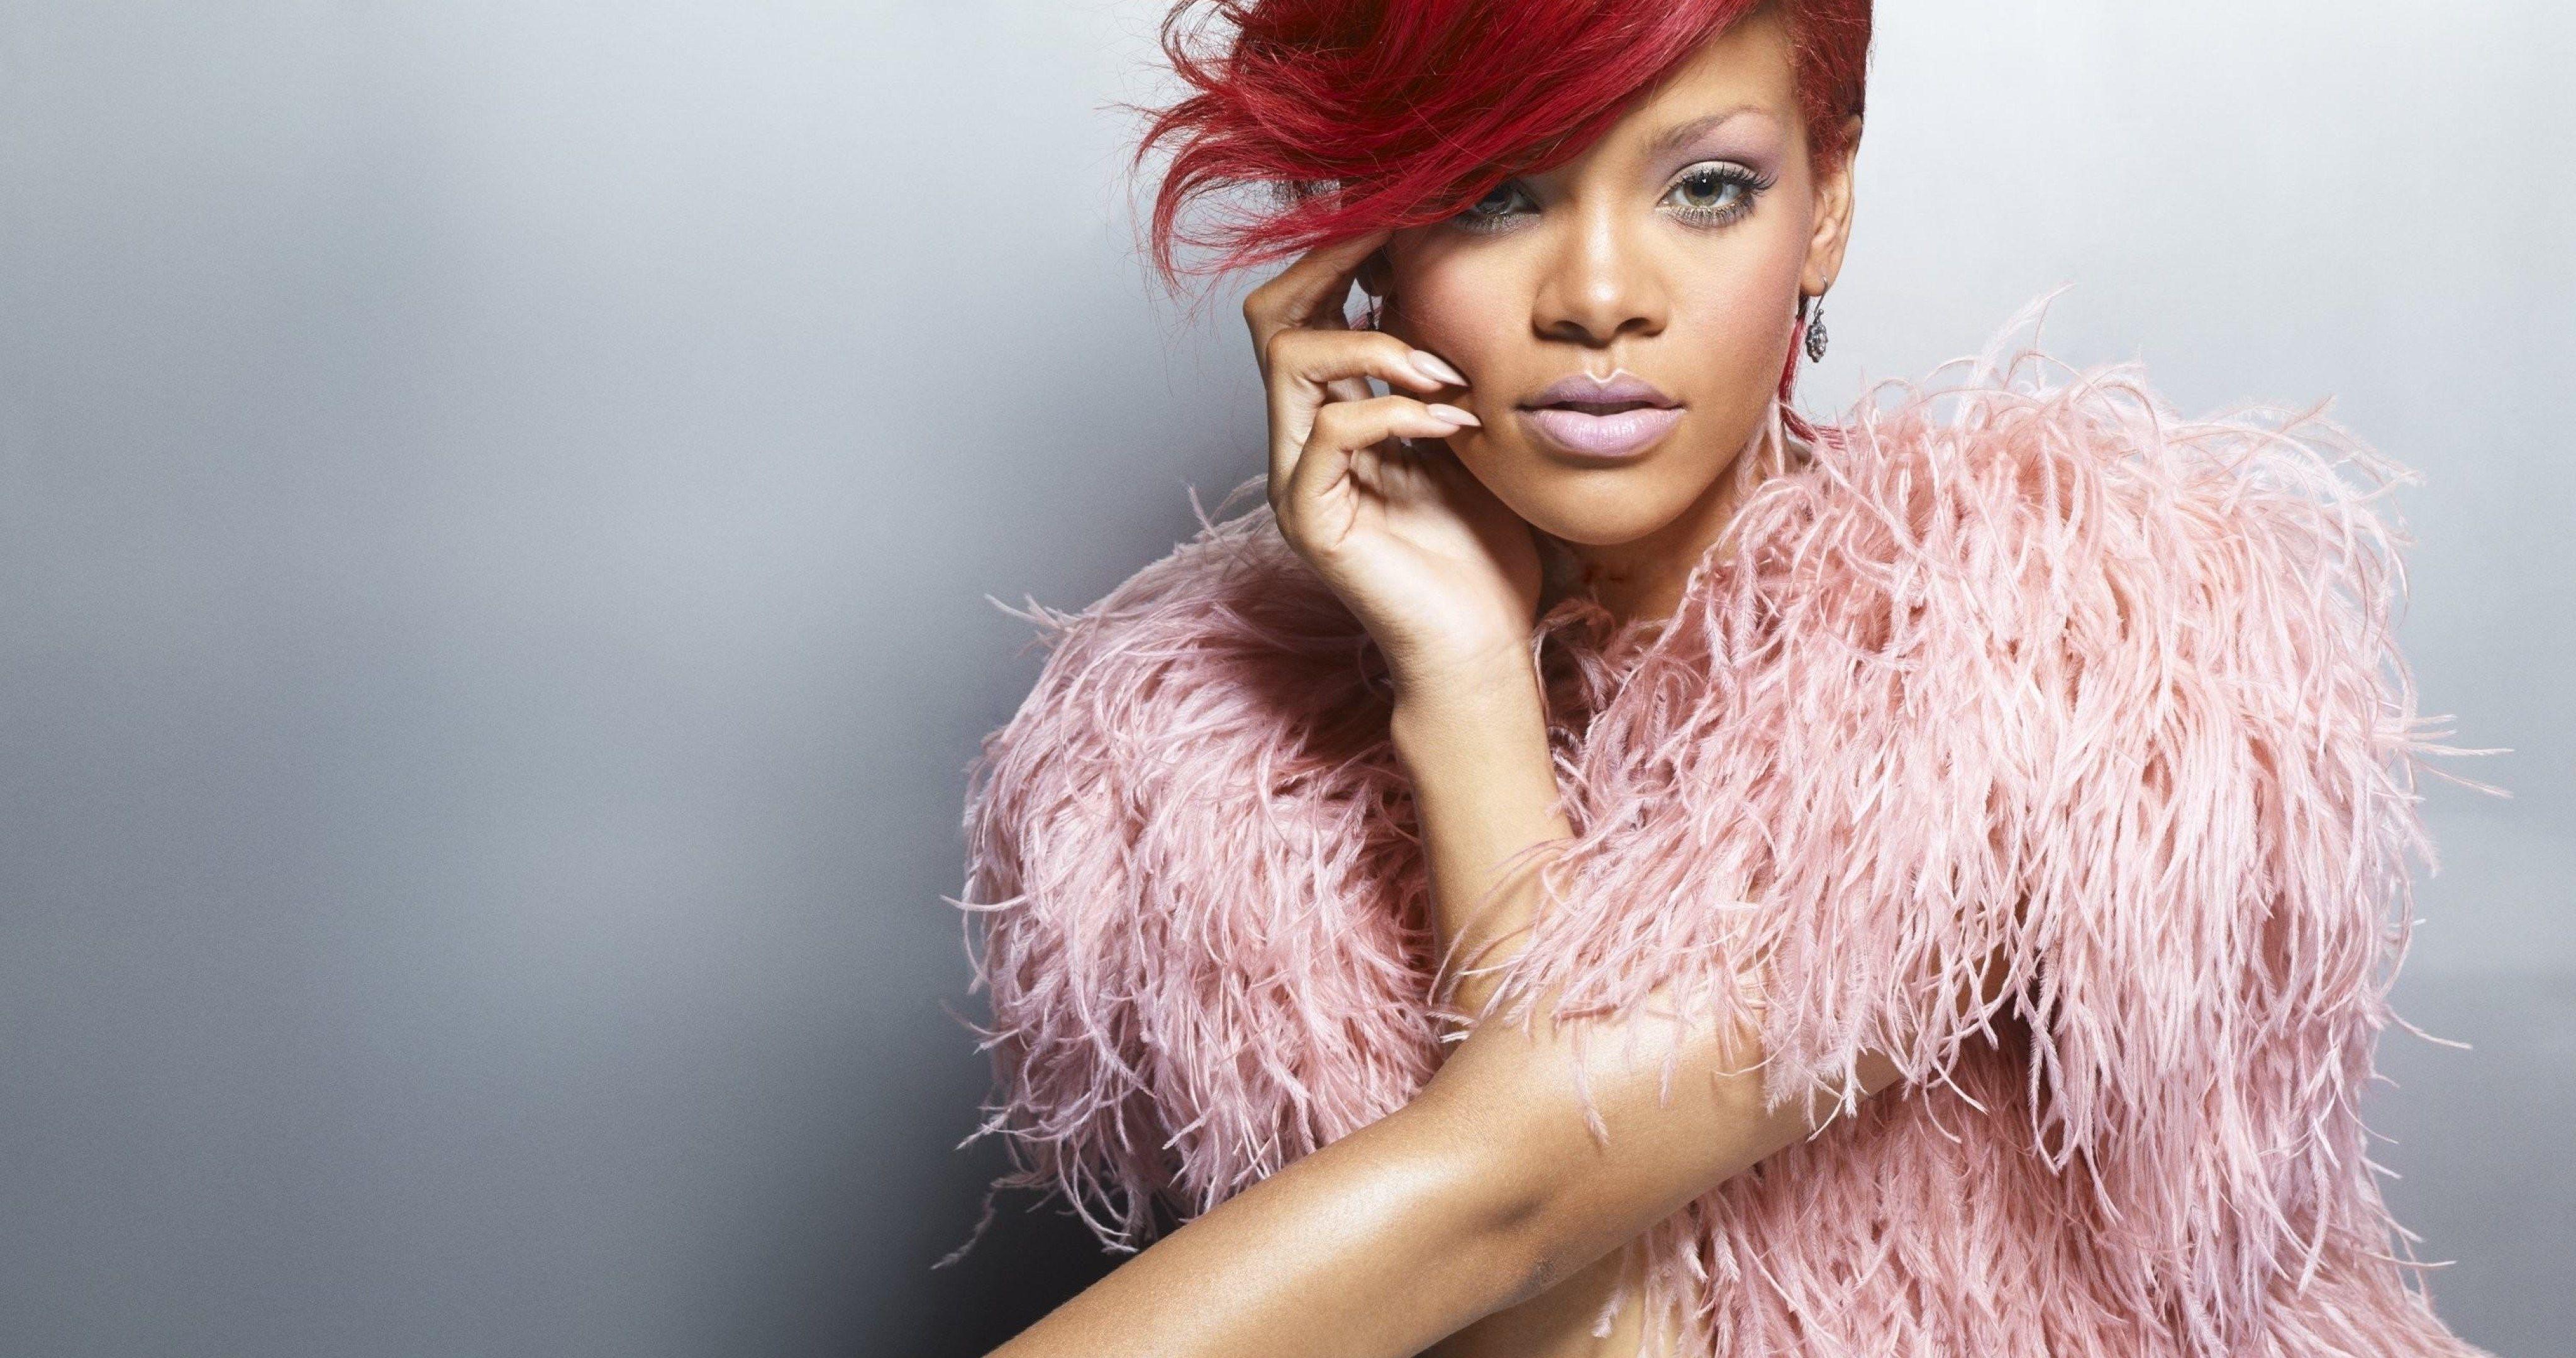 rihanna singer girl 4k ultra hd wallpaper Rihanna images